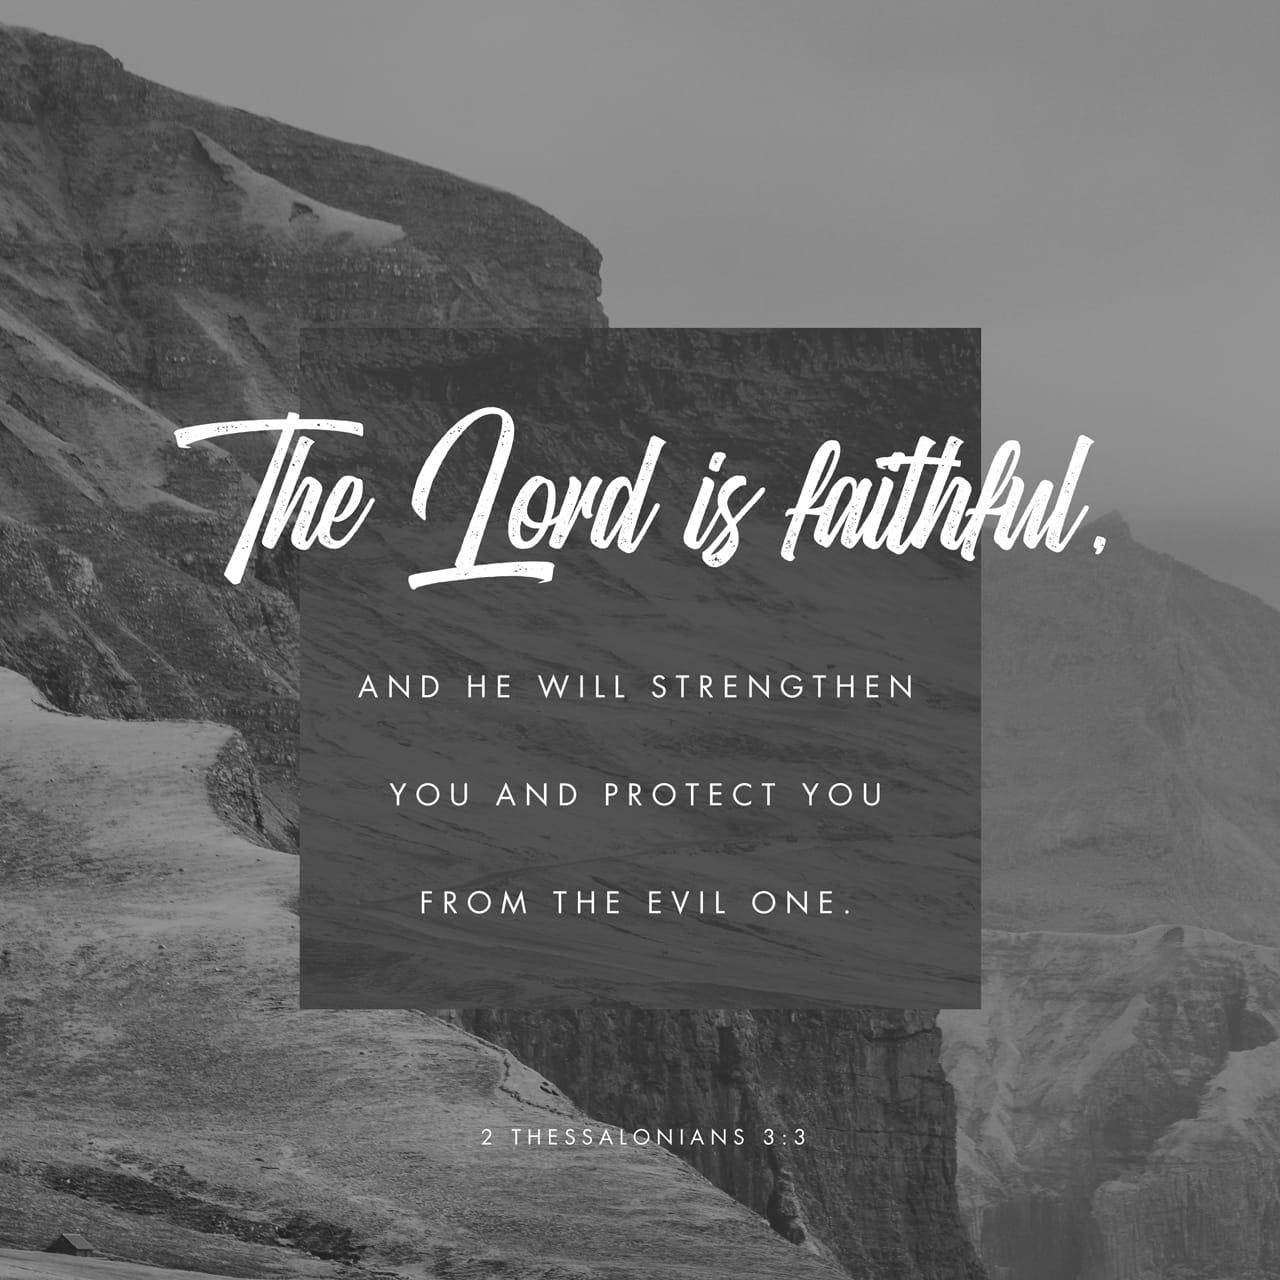 2 Tesalonicenses 3:3 Pero el Señor es fiel, y él los fortalecerá y guardará del mal. | Reina Valera Contemporánea (RVC)